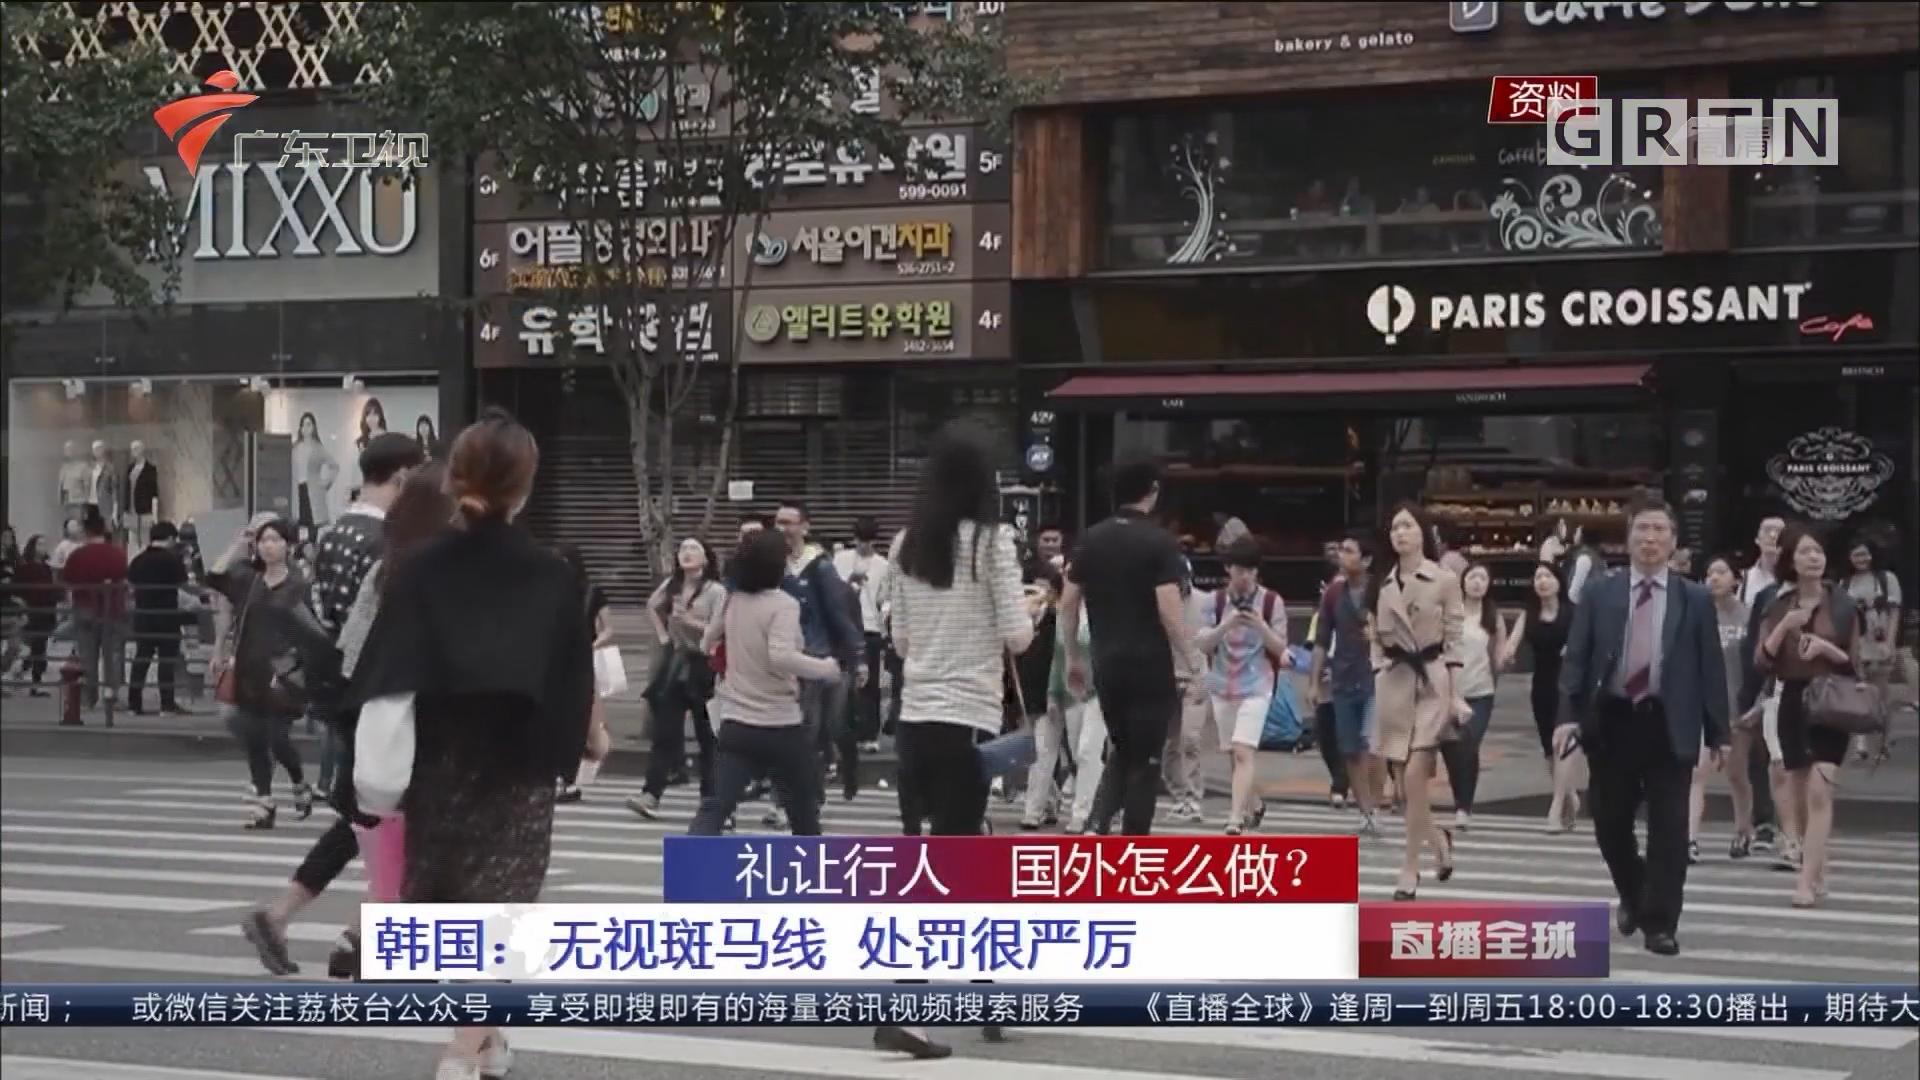 礼让行人 国外怎么做? 韩国:无视斑马线 处罚很严厉